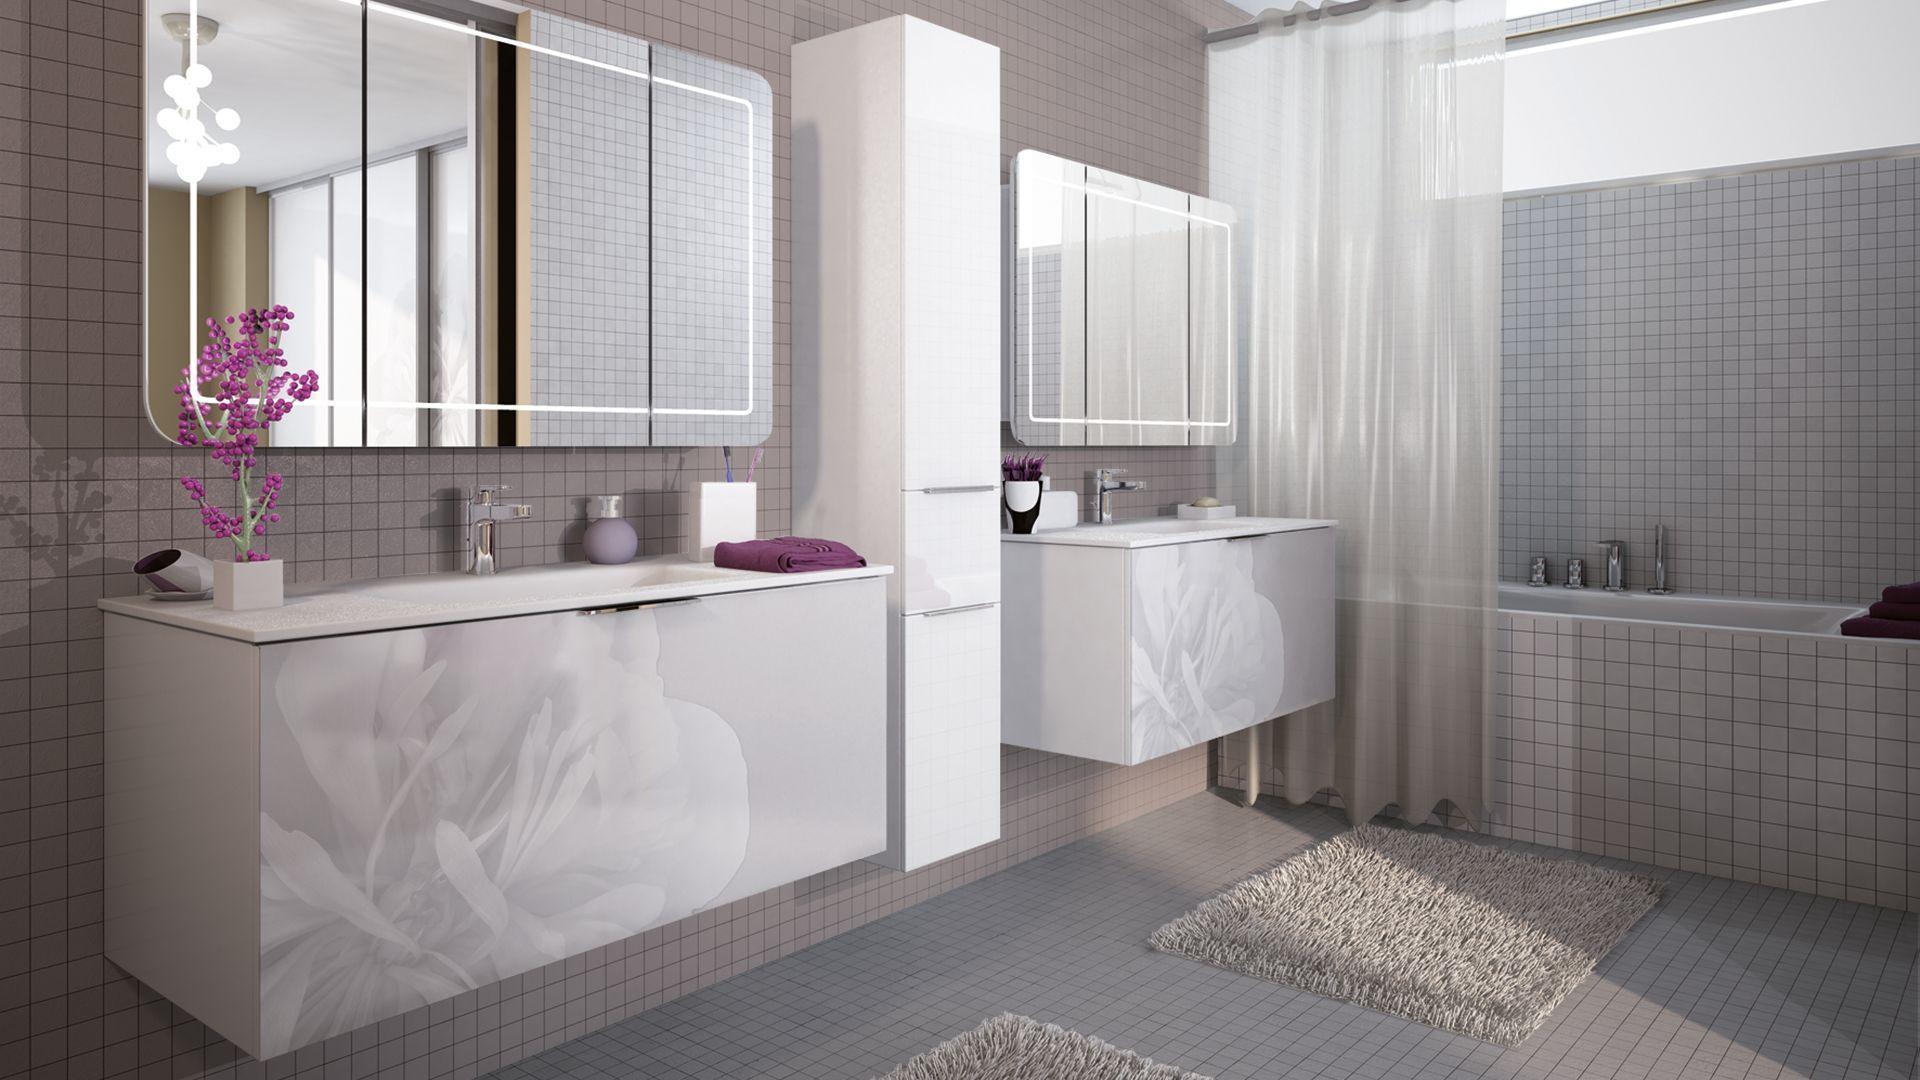 salle de bain flower meuble de salle de bains design verre cuisinella salle de bains. Black Bedroom Furniture Sets. Home Design Ideas